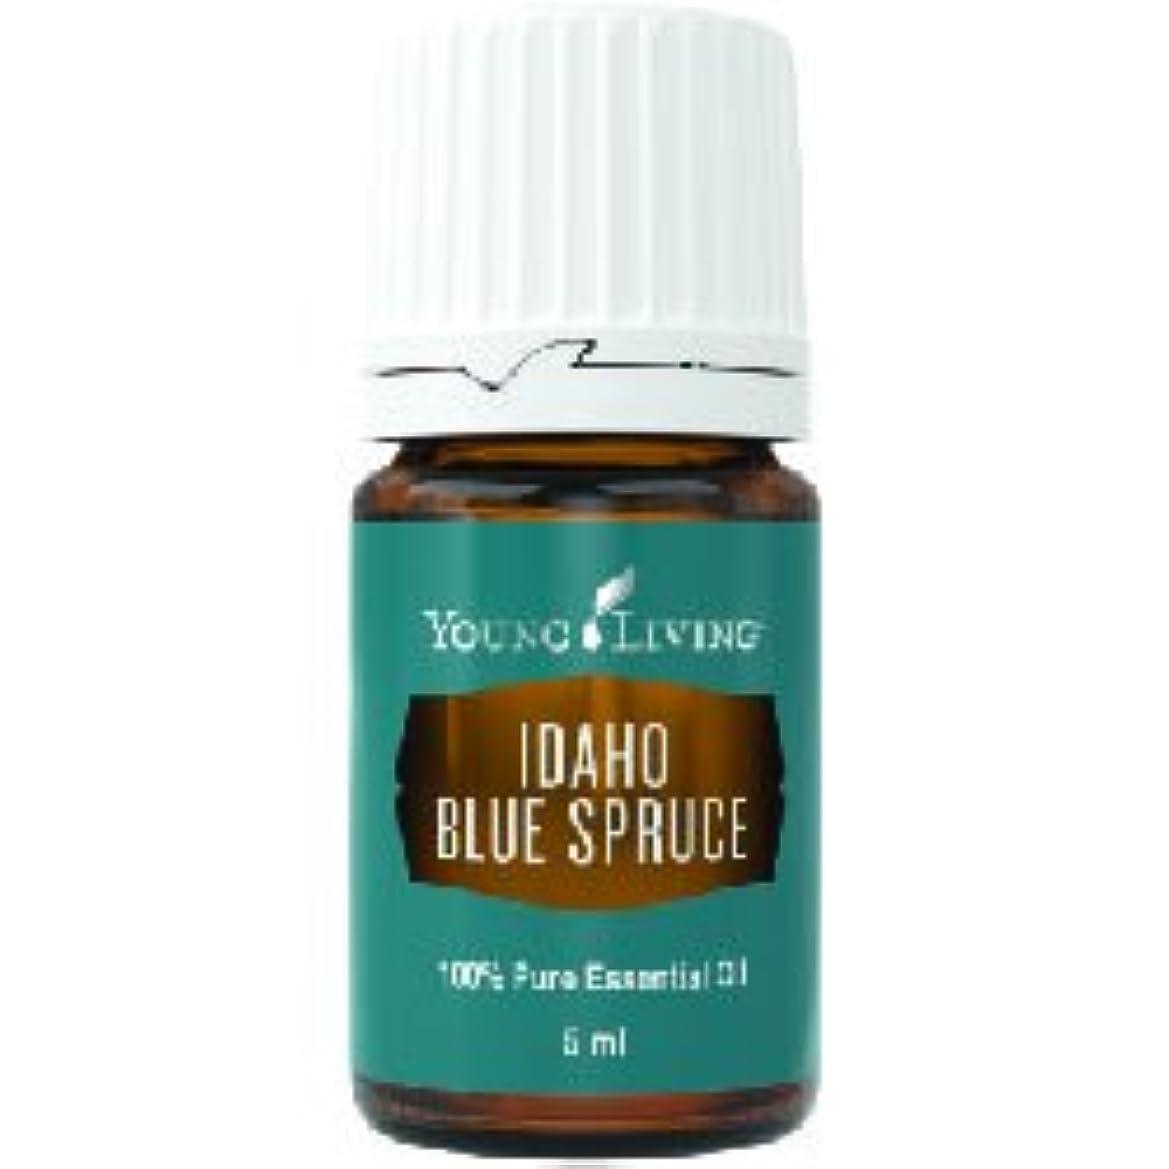 タクト手紙を書く正直アイダホブルースプルースエッセンシャルオイル5ml by Young Livingエッセンシャルオイルマレーシア Idaho Blue Spruce Essential Oil 5ml by Young Living Essential...